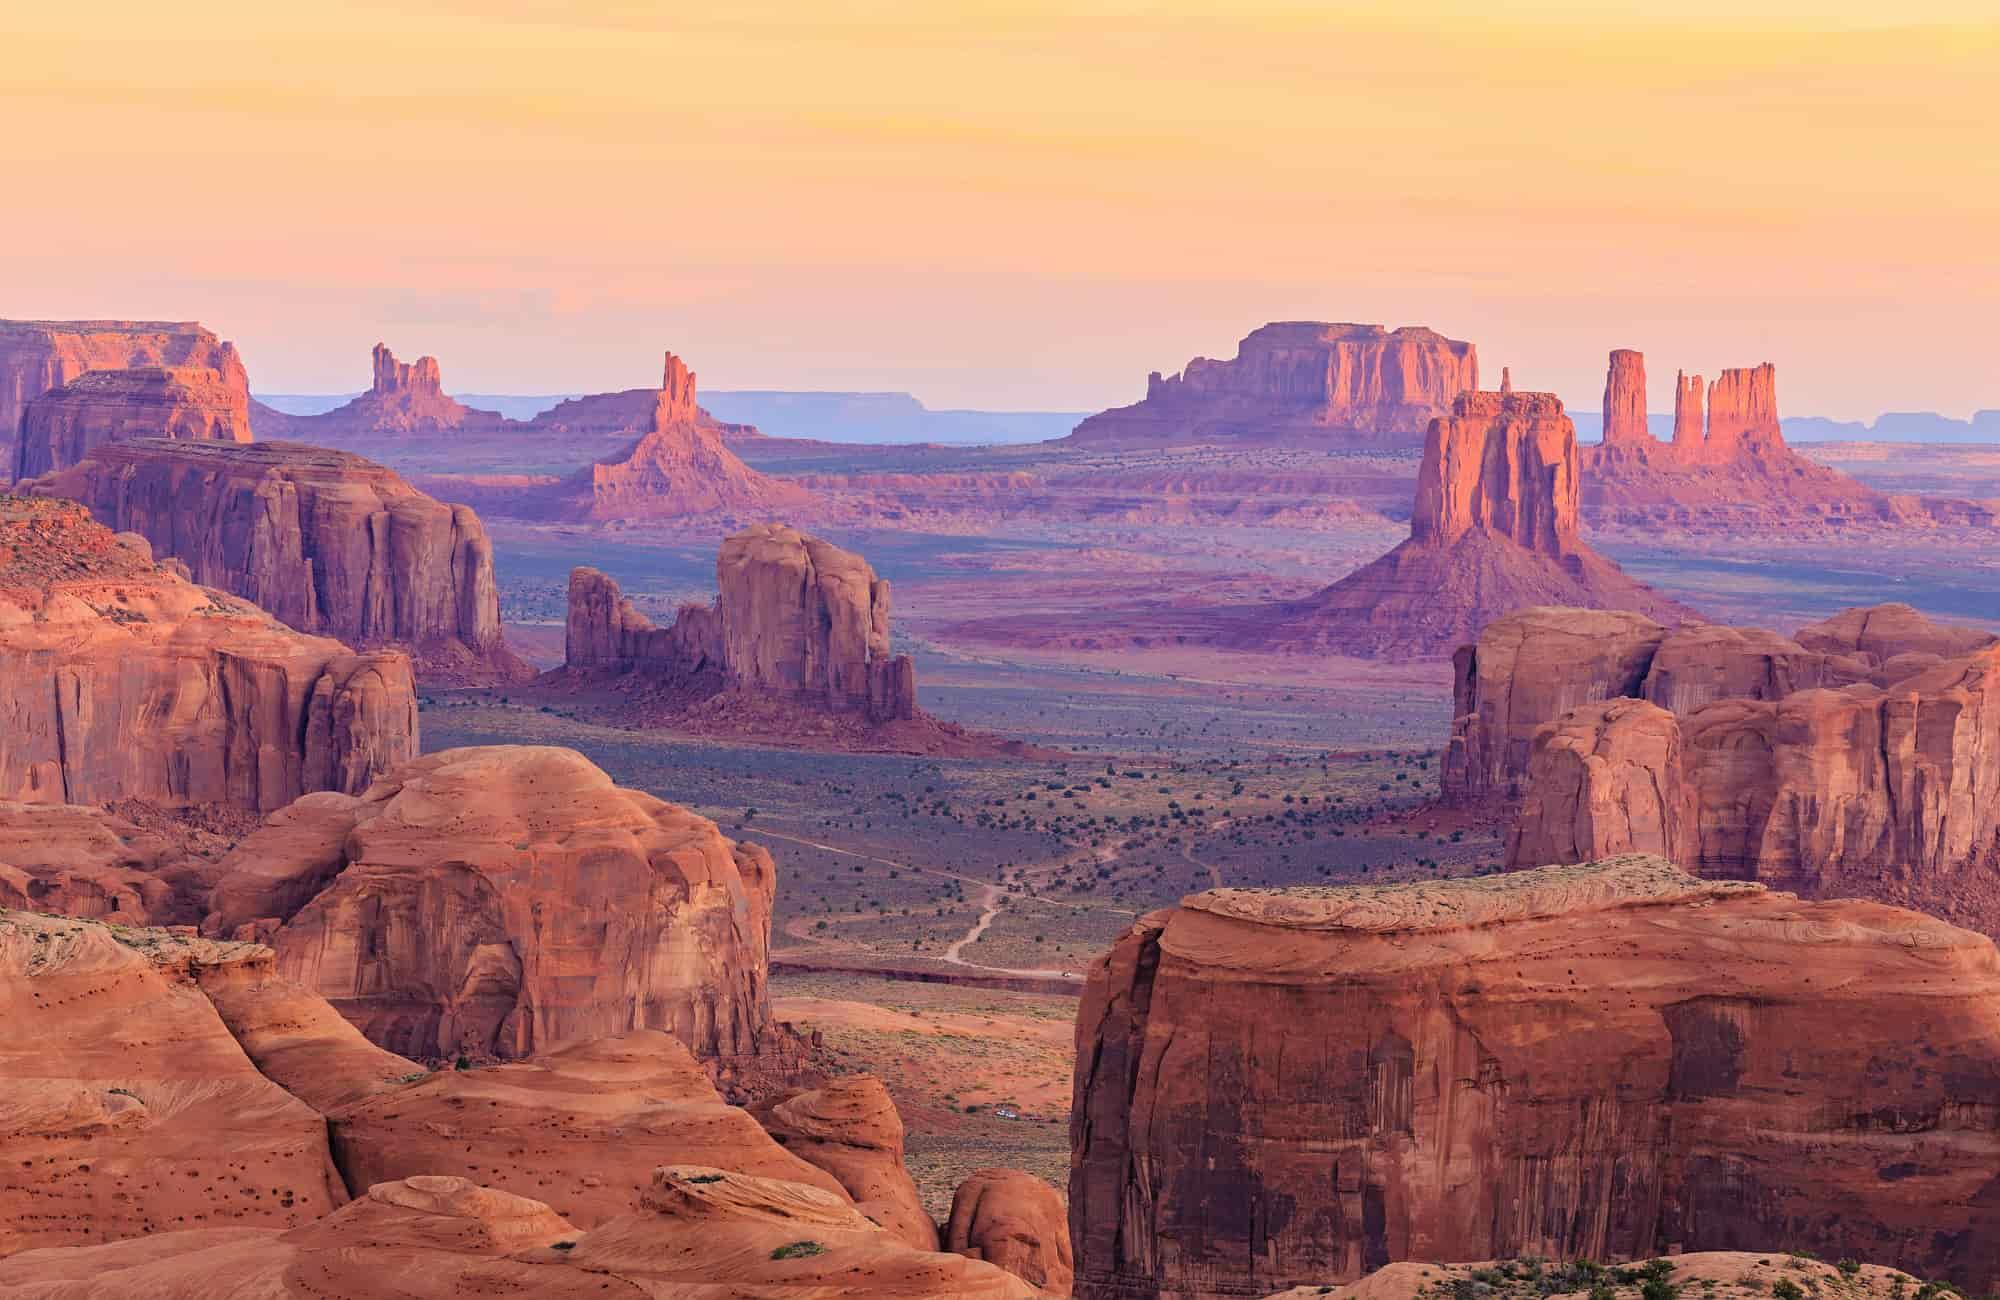 Voyage dans l'Ouest Américain - Les canyons de l'Ouest - Amplitudes